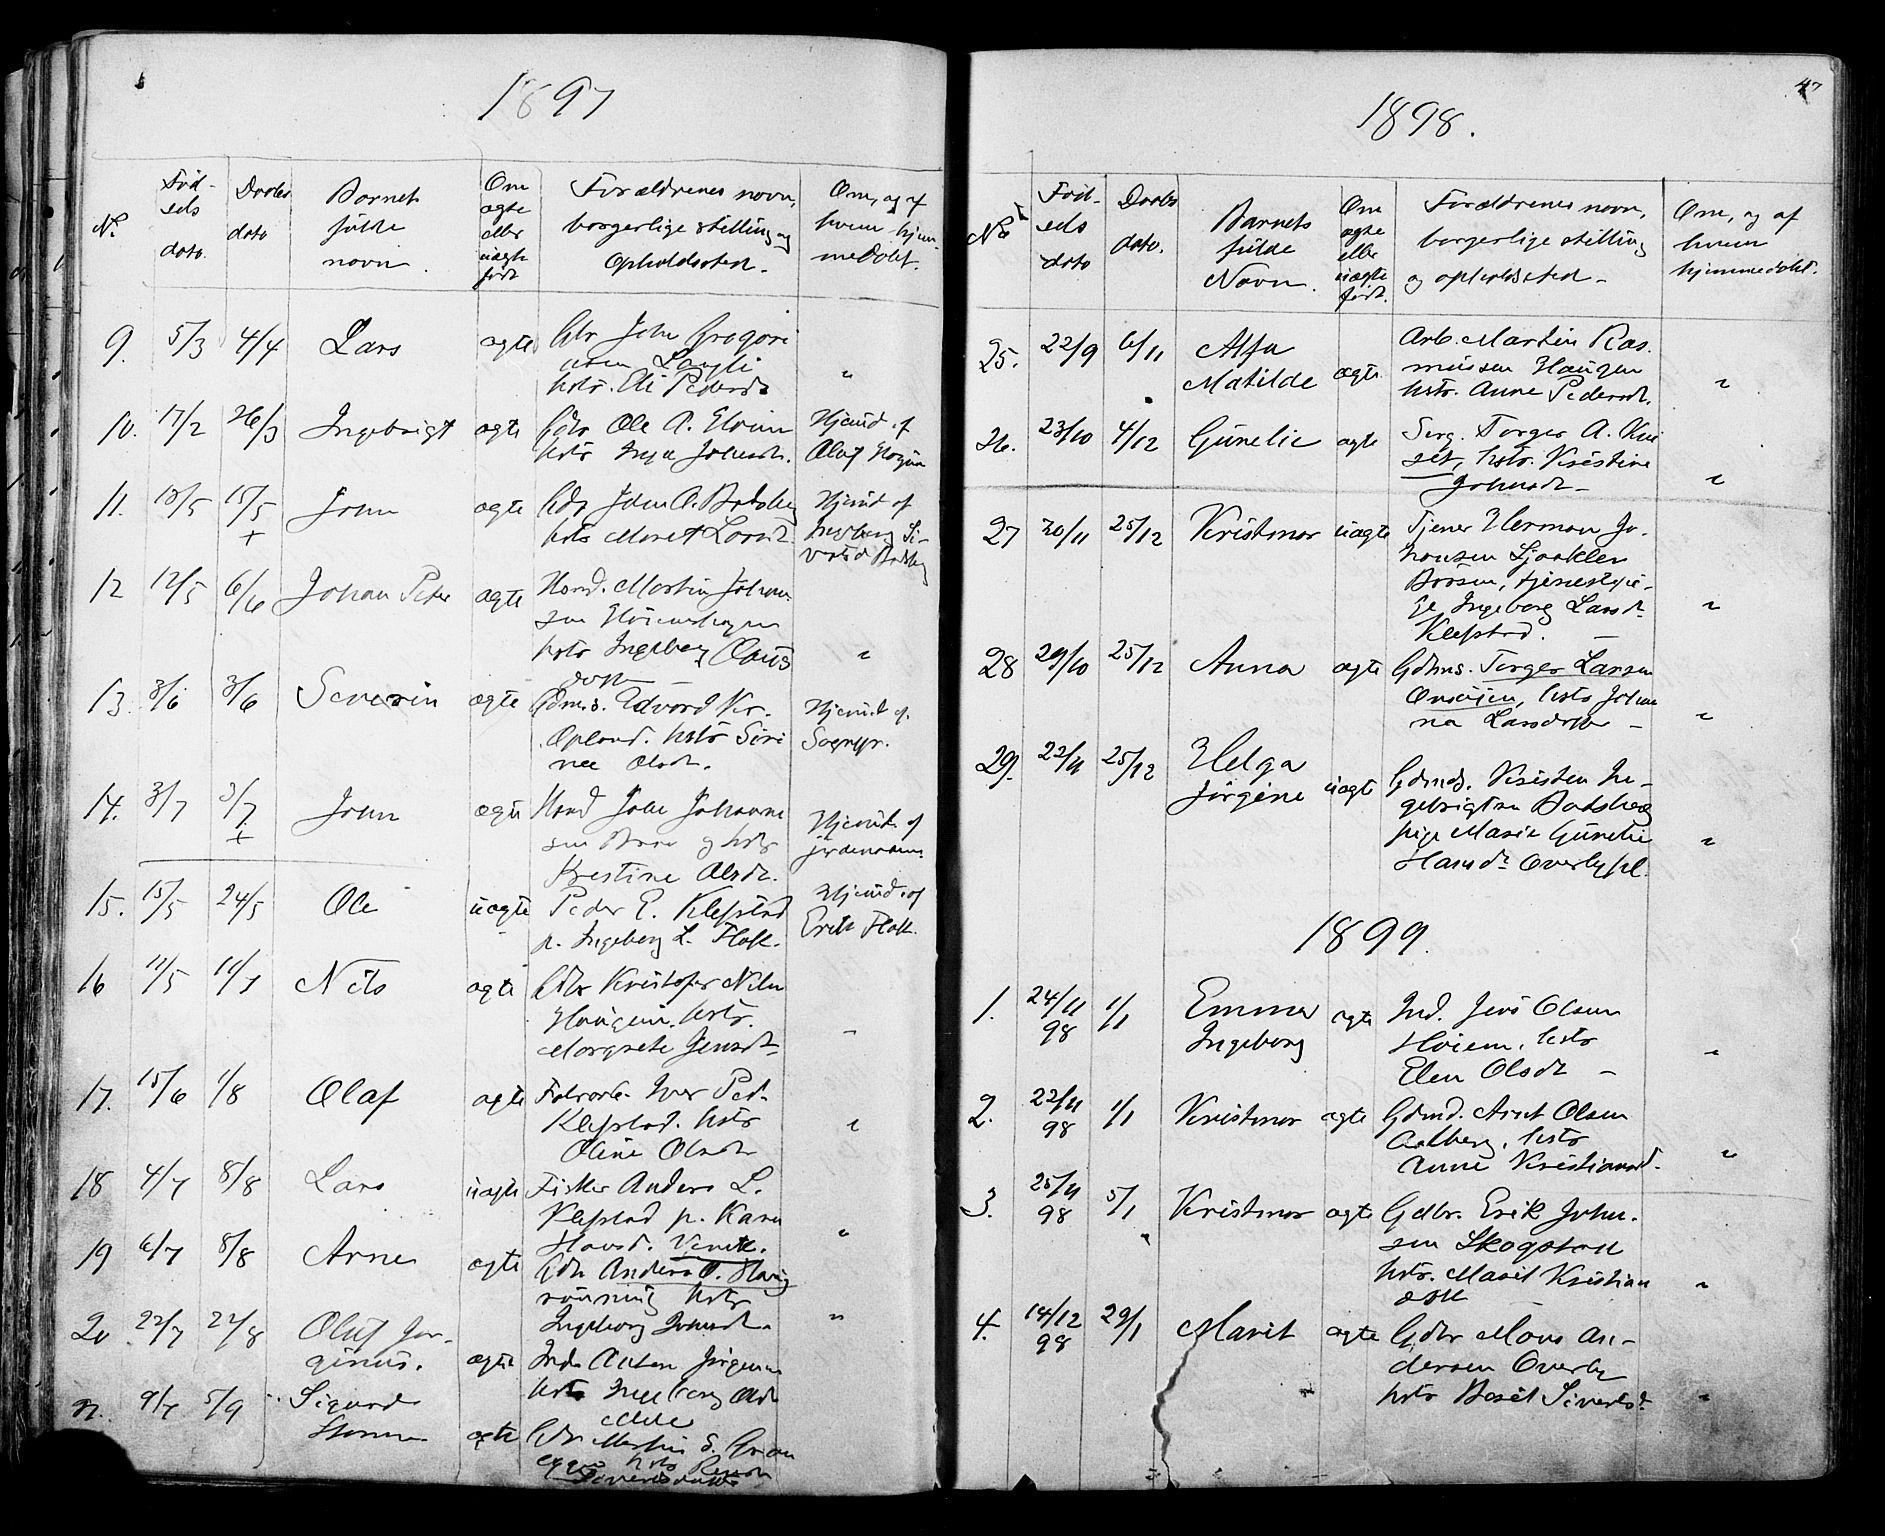 SAT, Ministerialprotokoller, klokkerbøker og fødselsregistre - Sør-Trøndelag, 612/L0387: Klokkerbok nr. 612C03, 1874-1908, s. 47